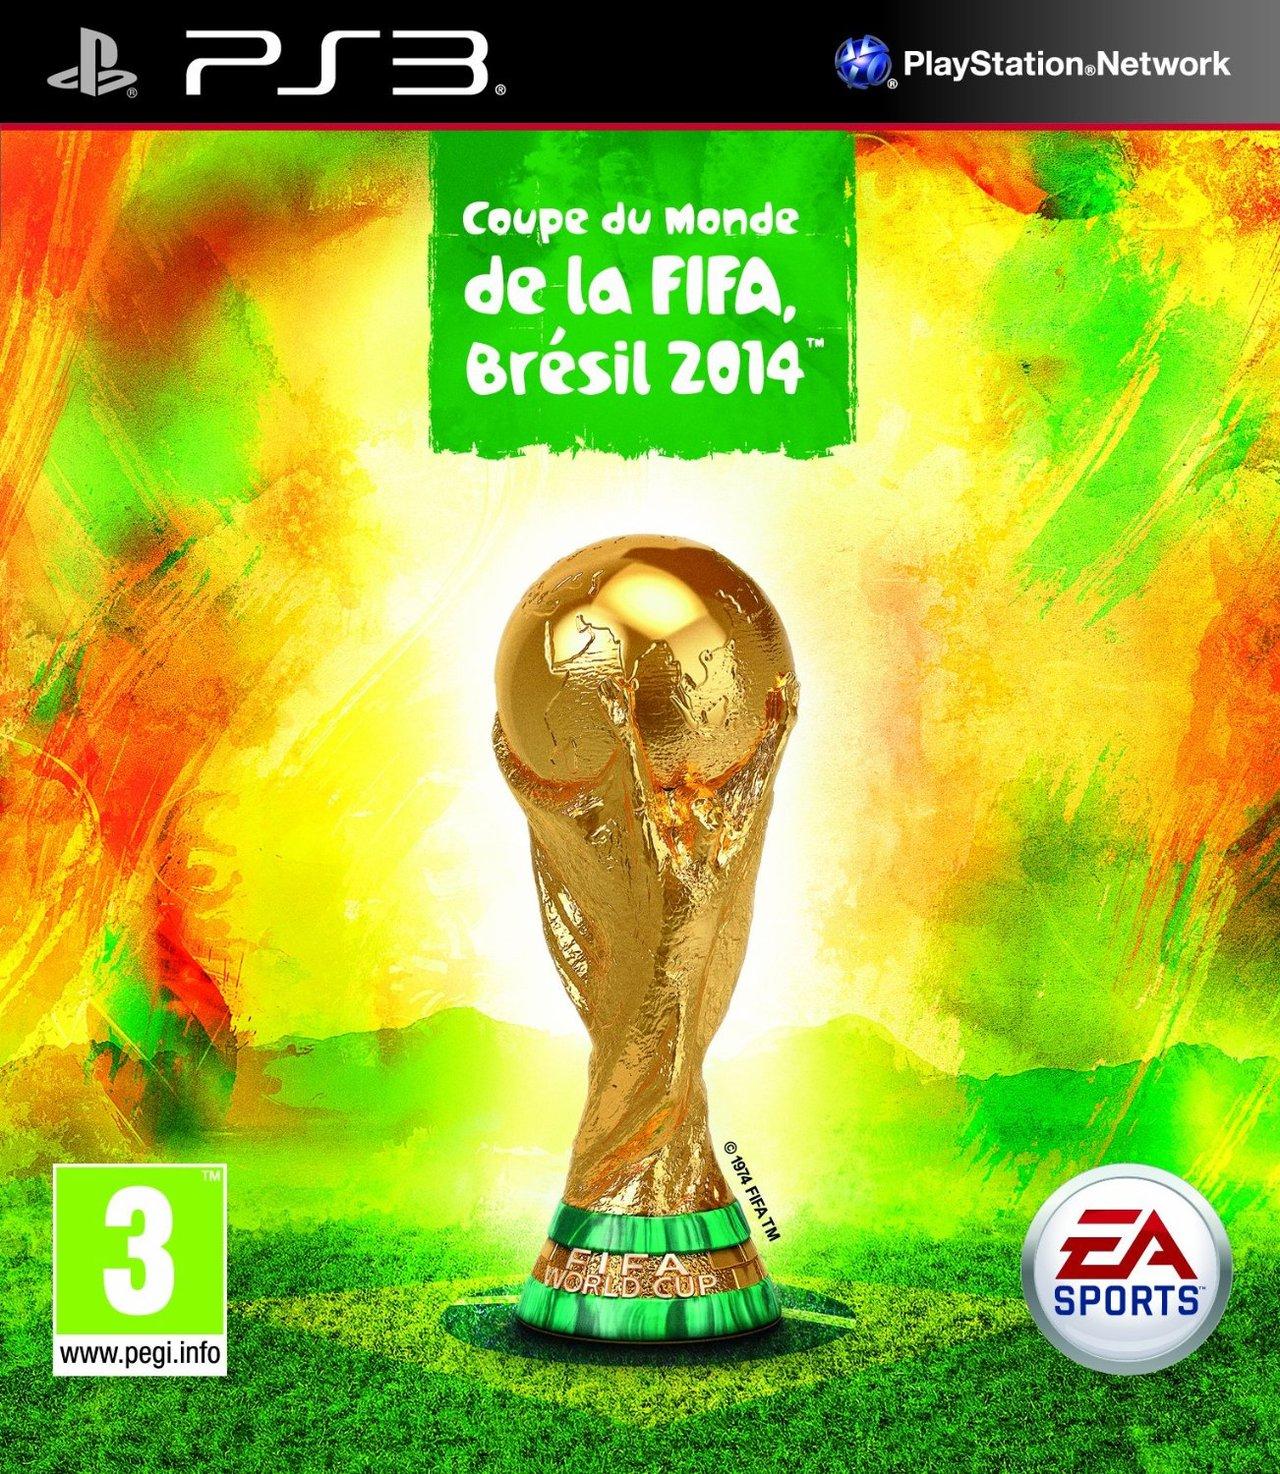 Coupe du monde de la fifa br sil 2014 sur playstation 3 - Jeux de football coupe du monde 2014 ...